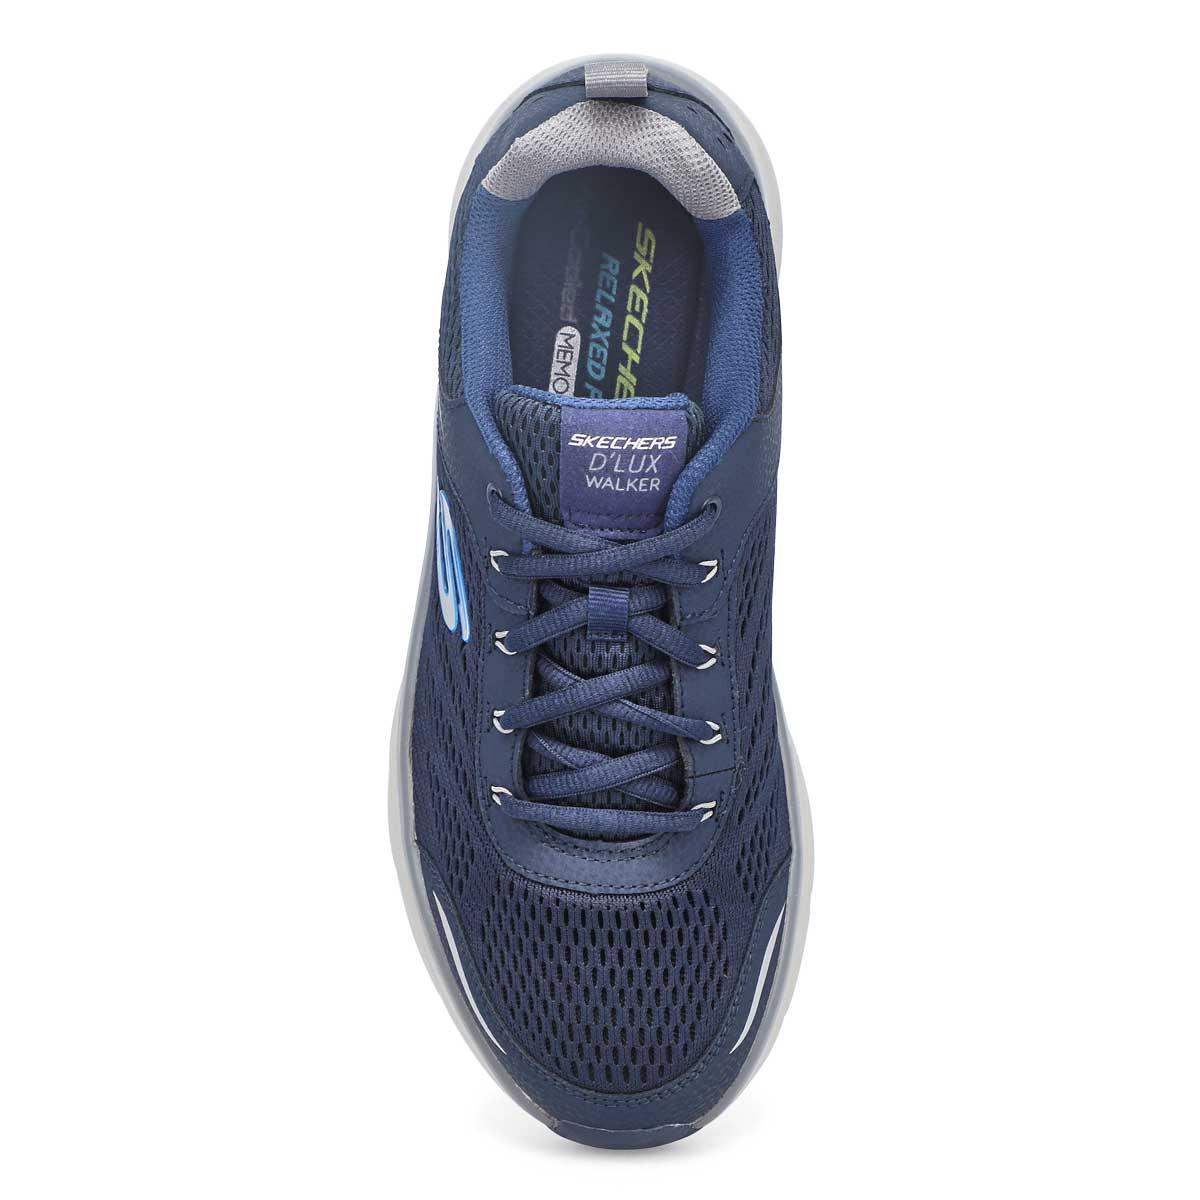 Men's D'Lux Walker Sneaker - Navy